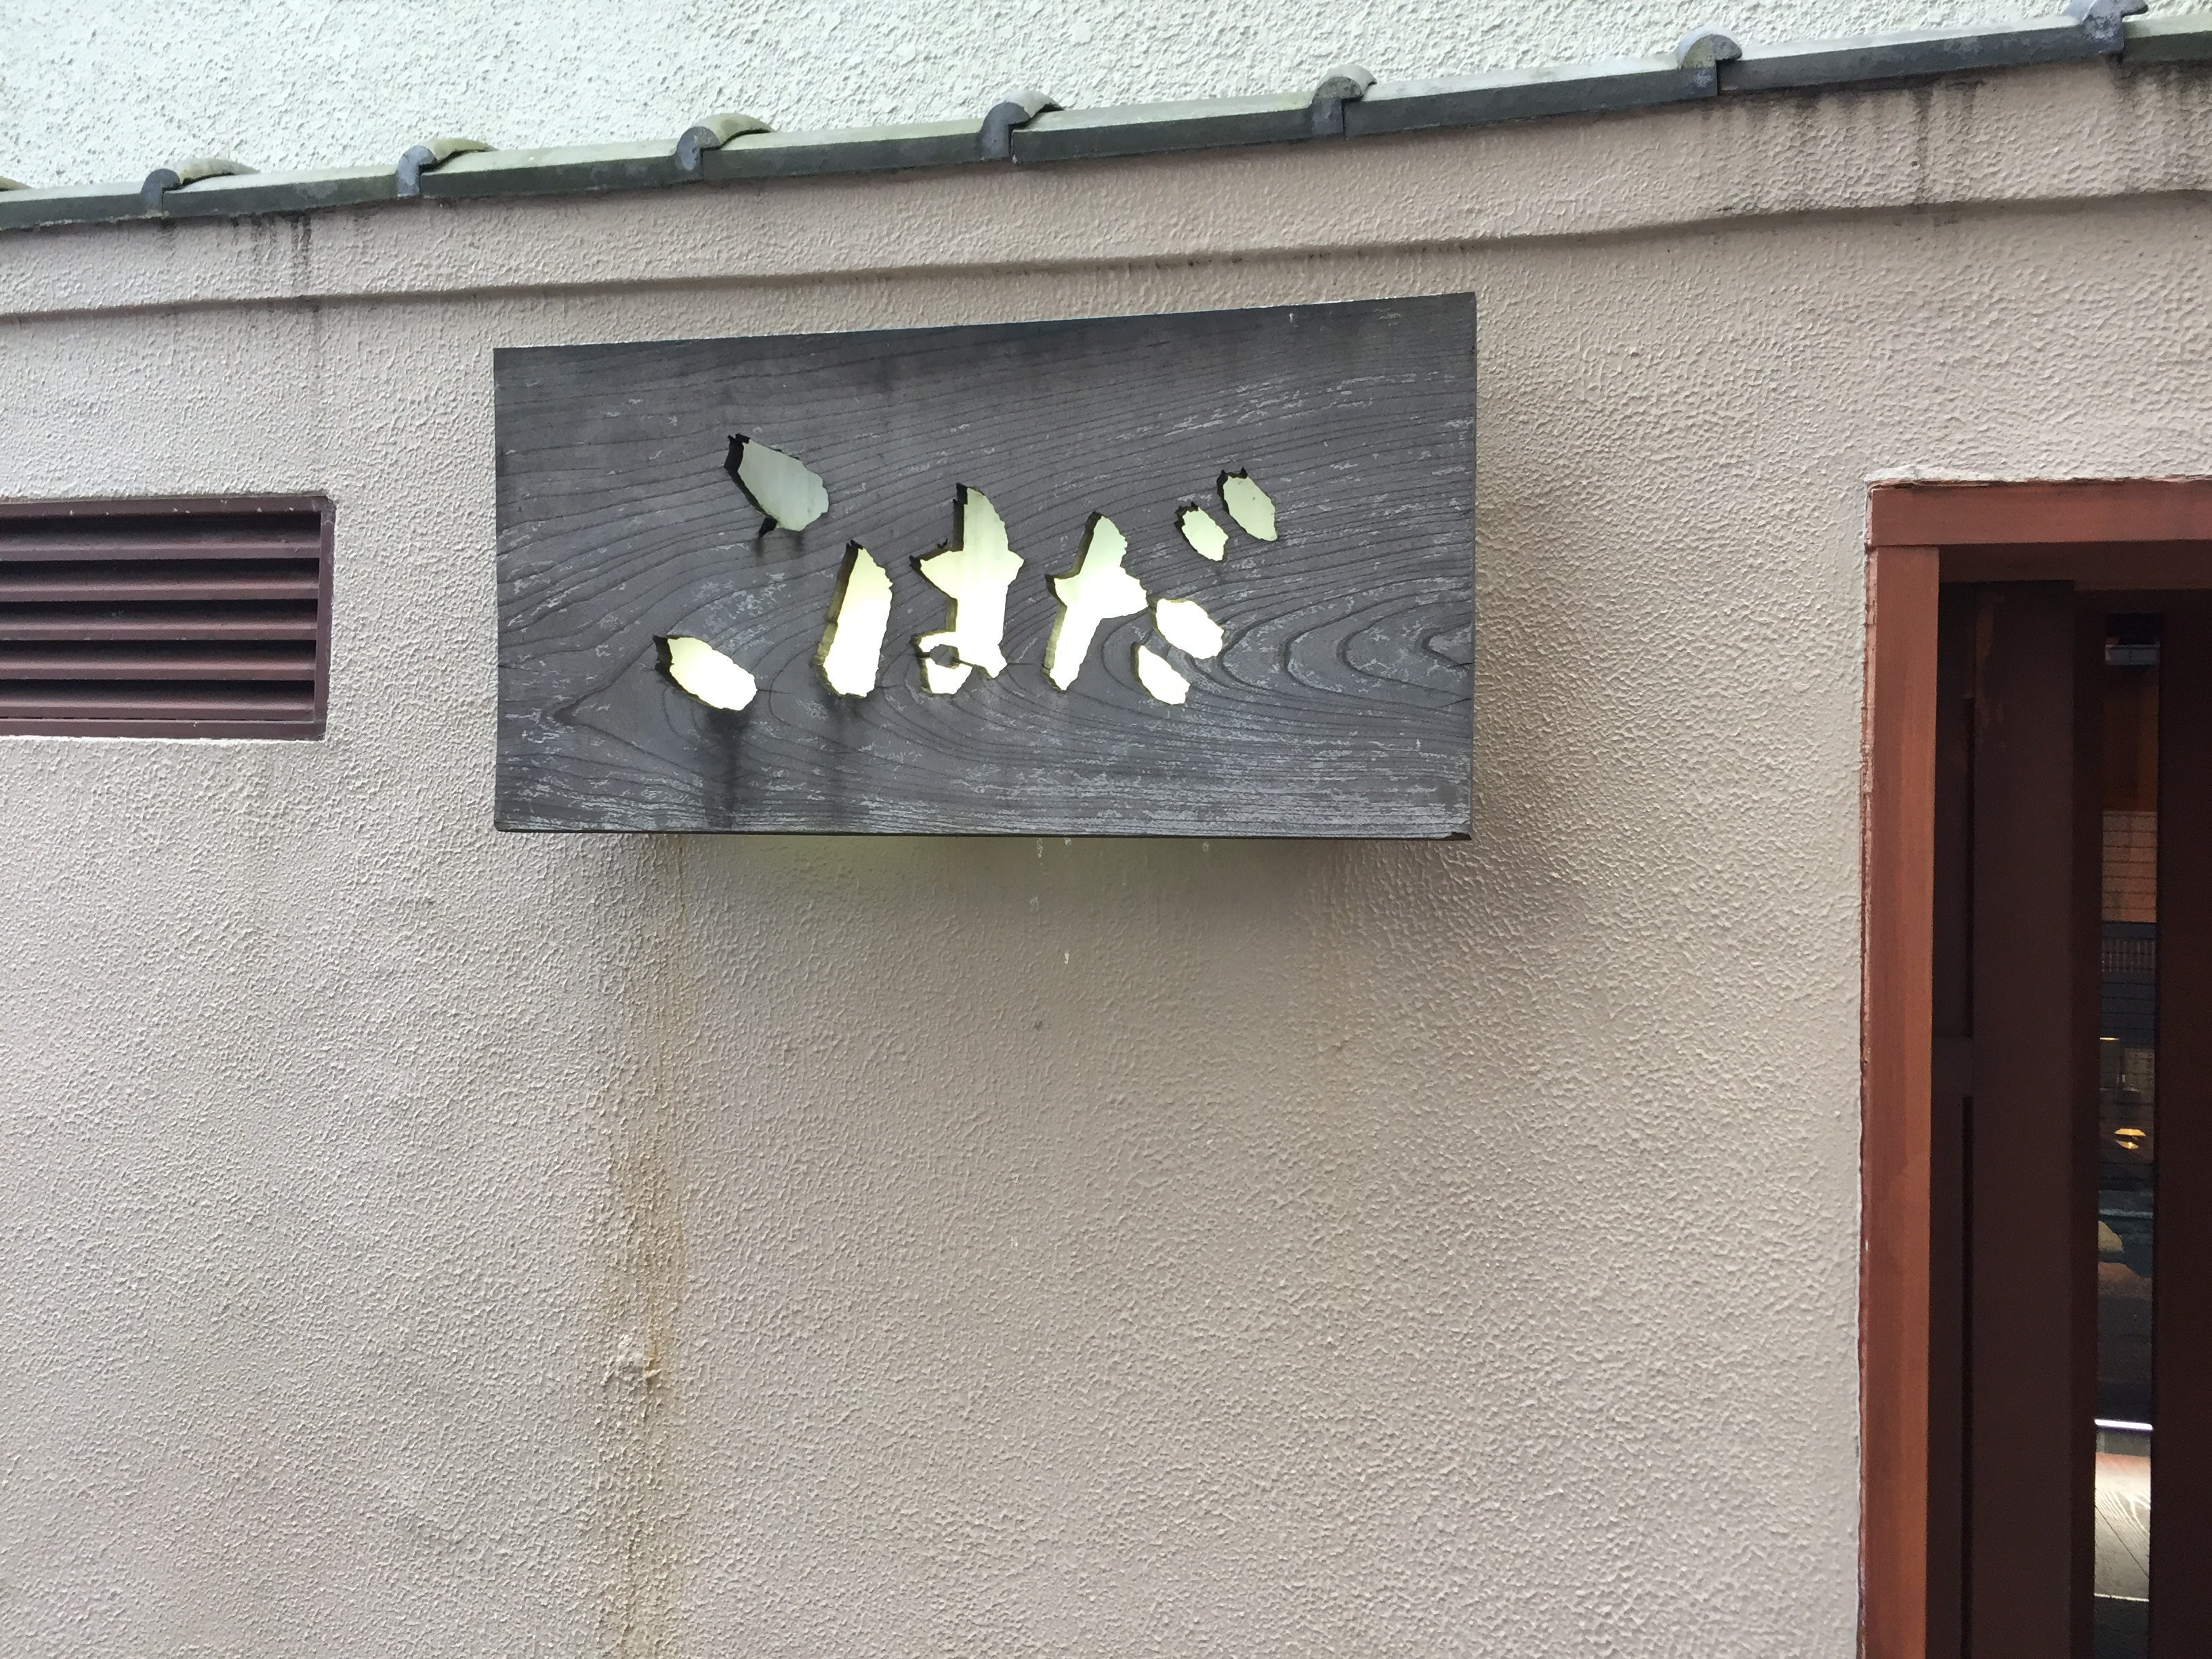 裏横浜のお寿司屋さん「こはだ」の空間環境とランチのクオリティーが高すぎた!